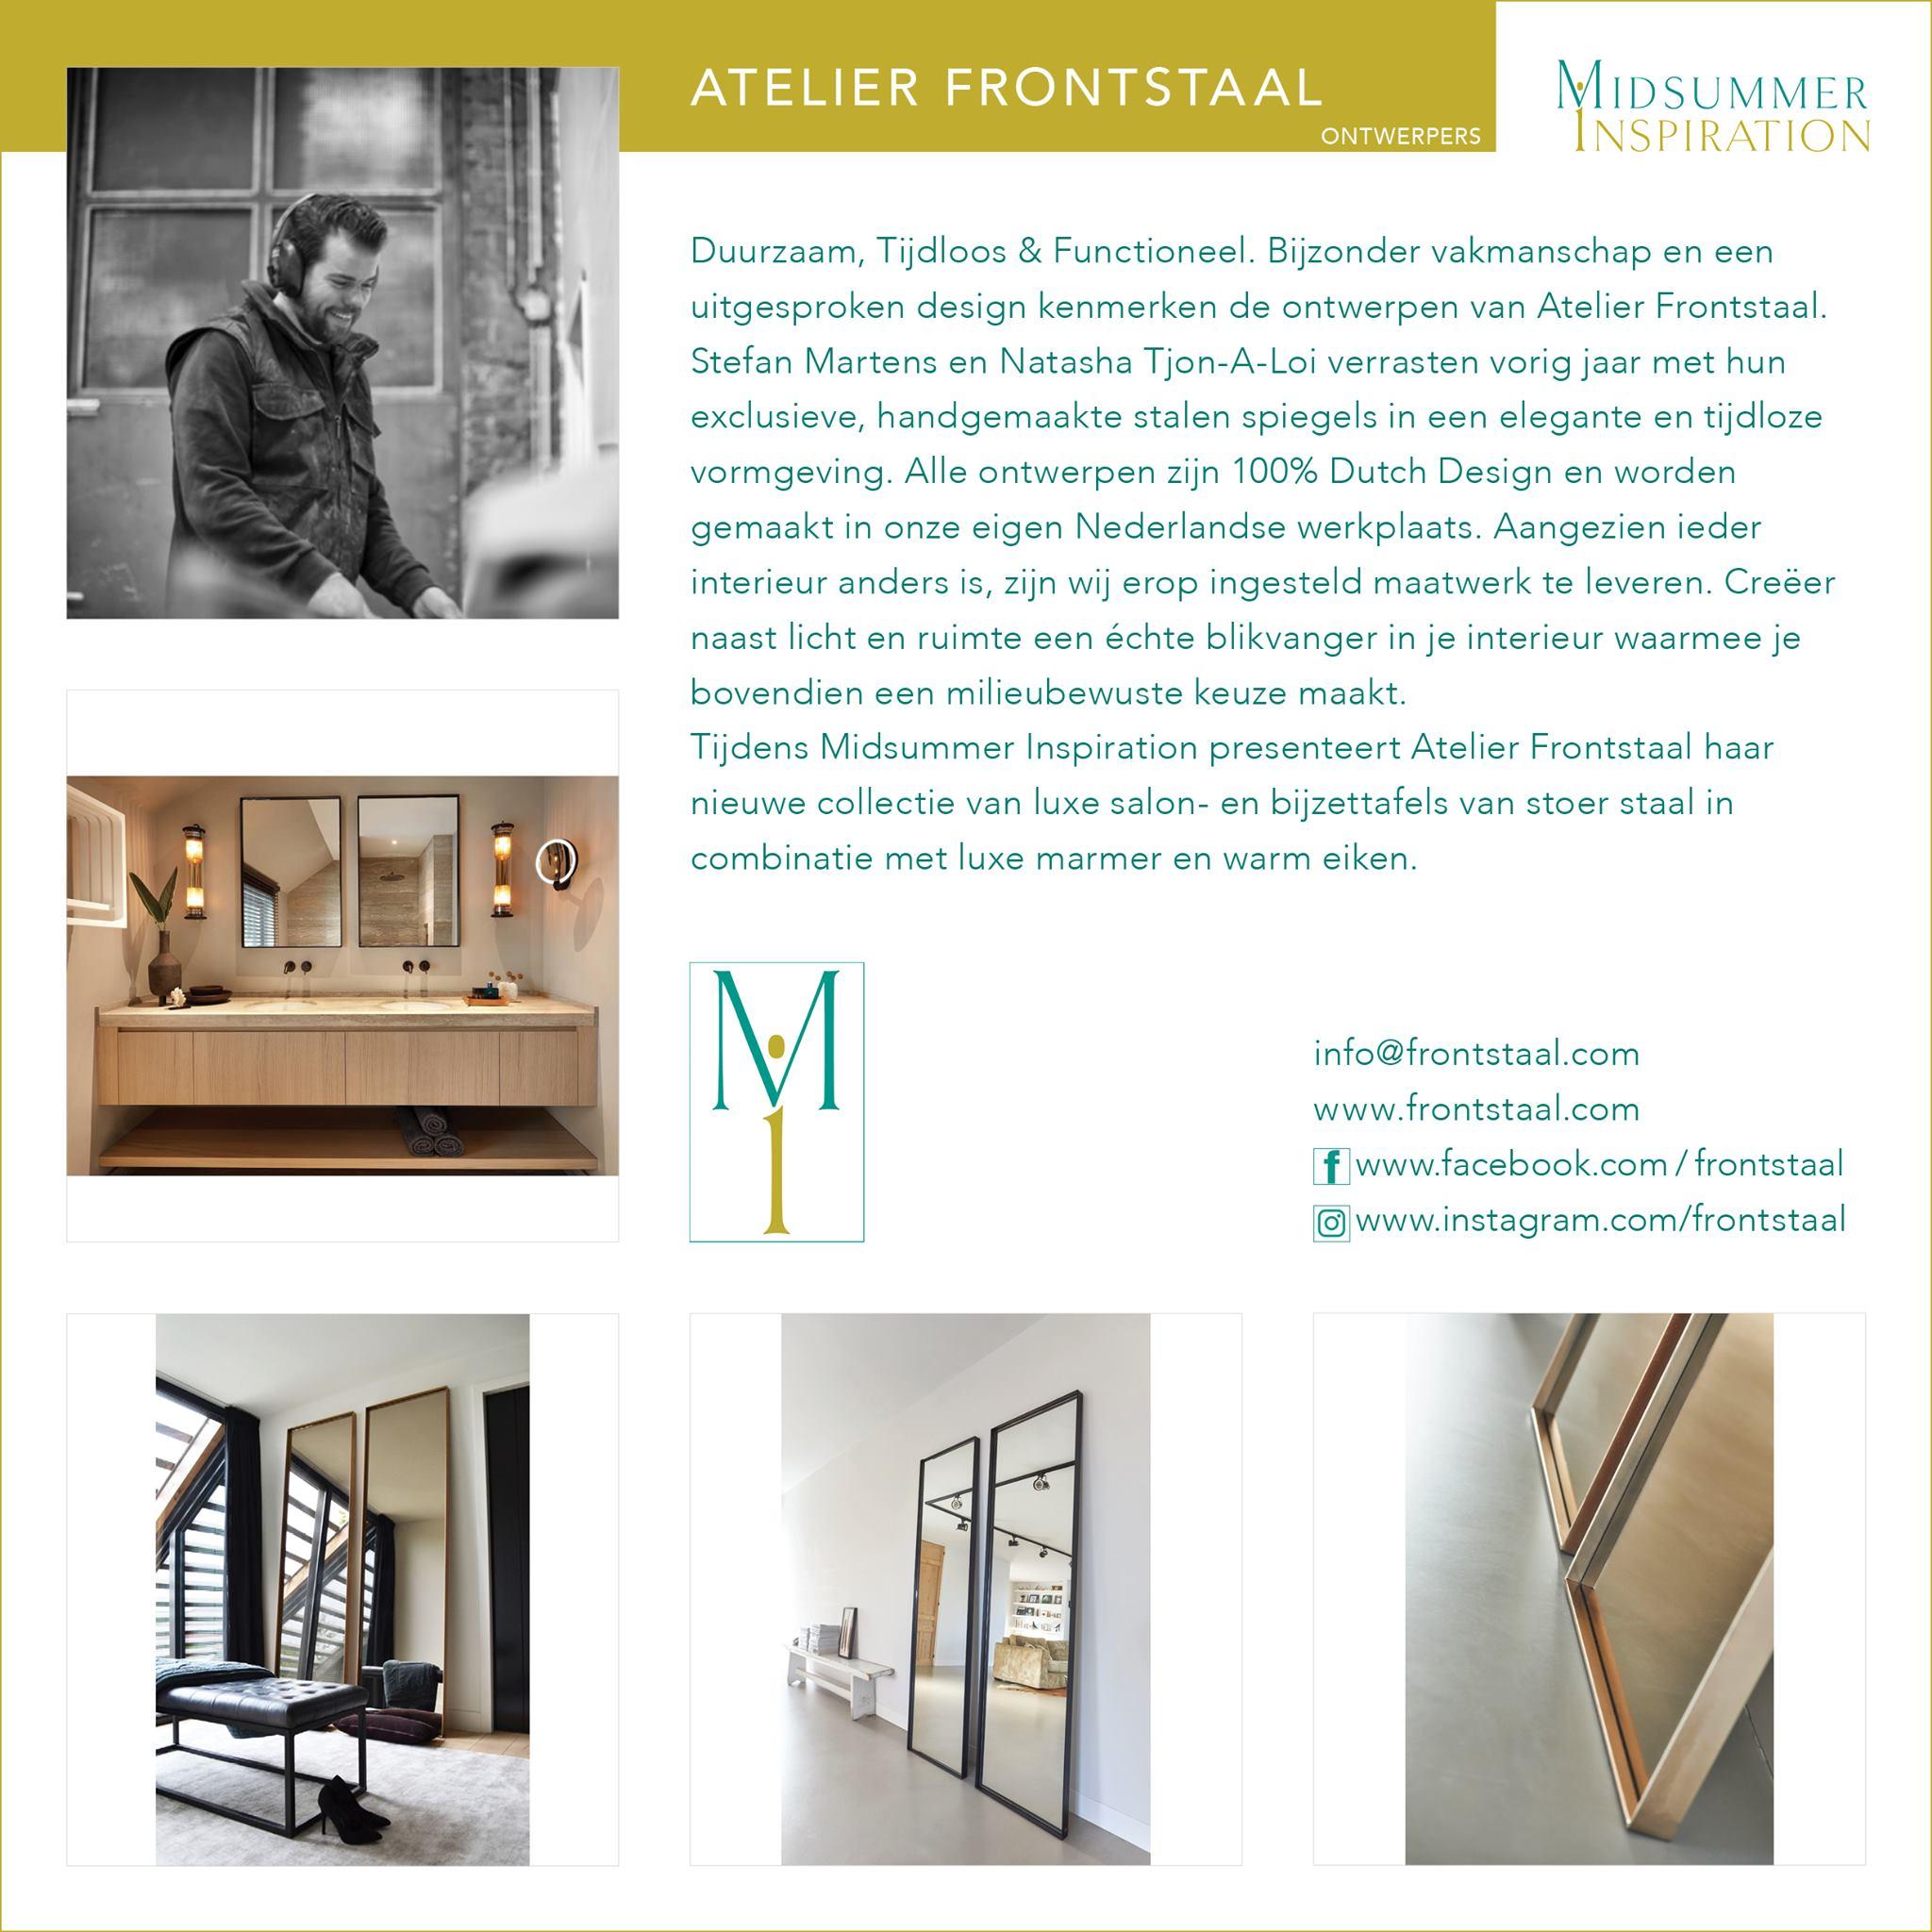 Maak kennis met Atelier Frontstaal tijdens Midsummer Inspiration 2019